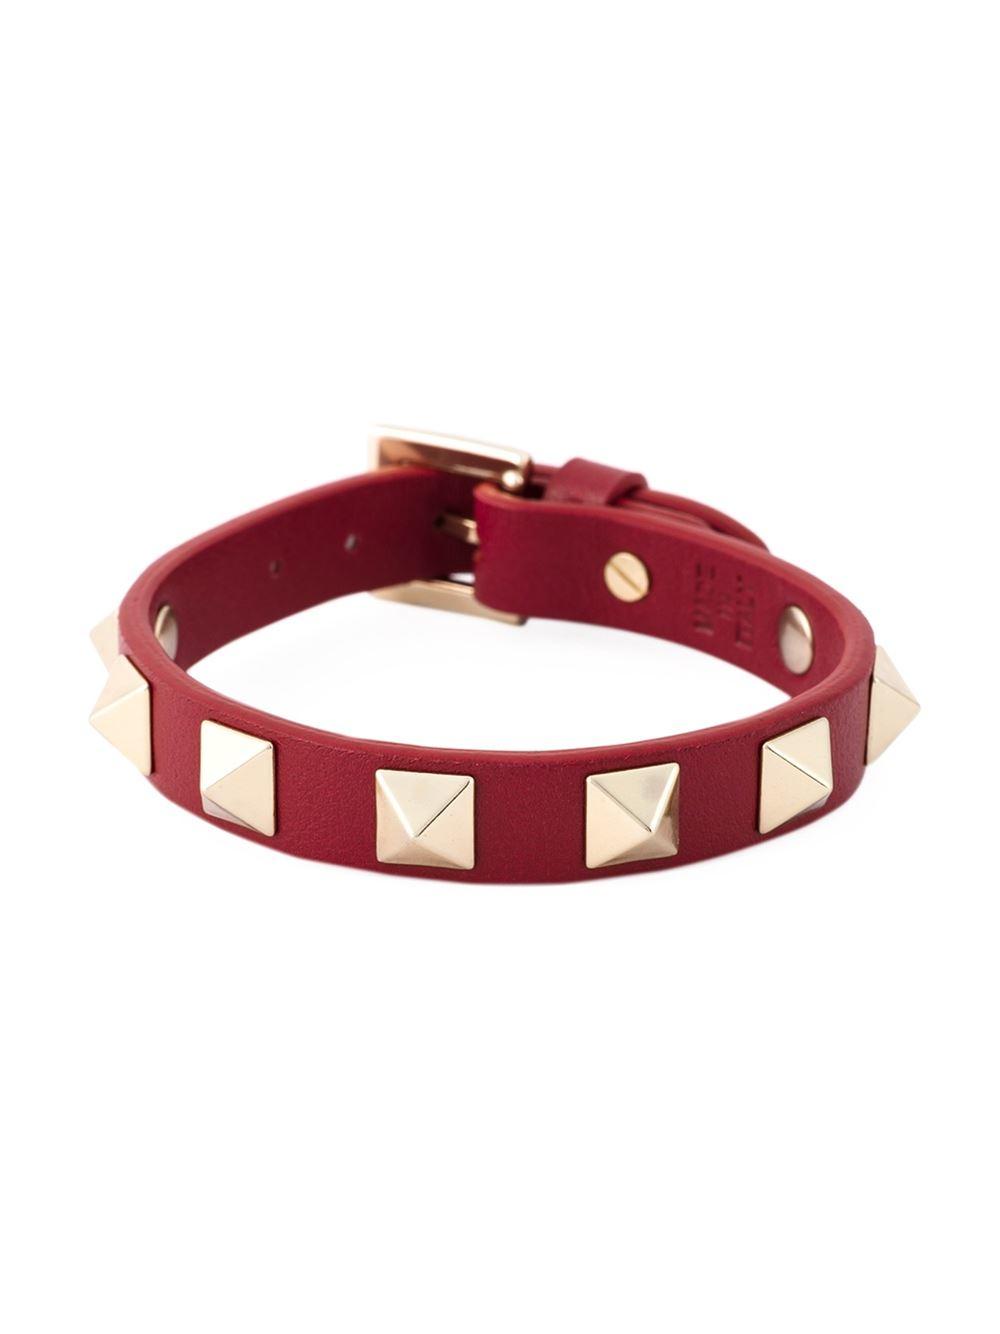 Valentino Rockstud bracelet - Red sOpG4dWPI